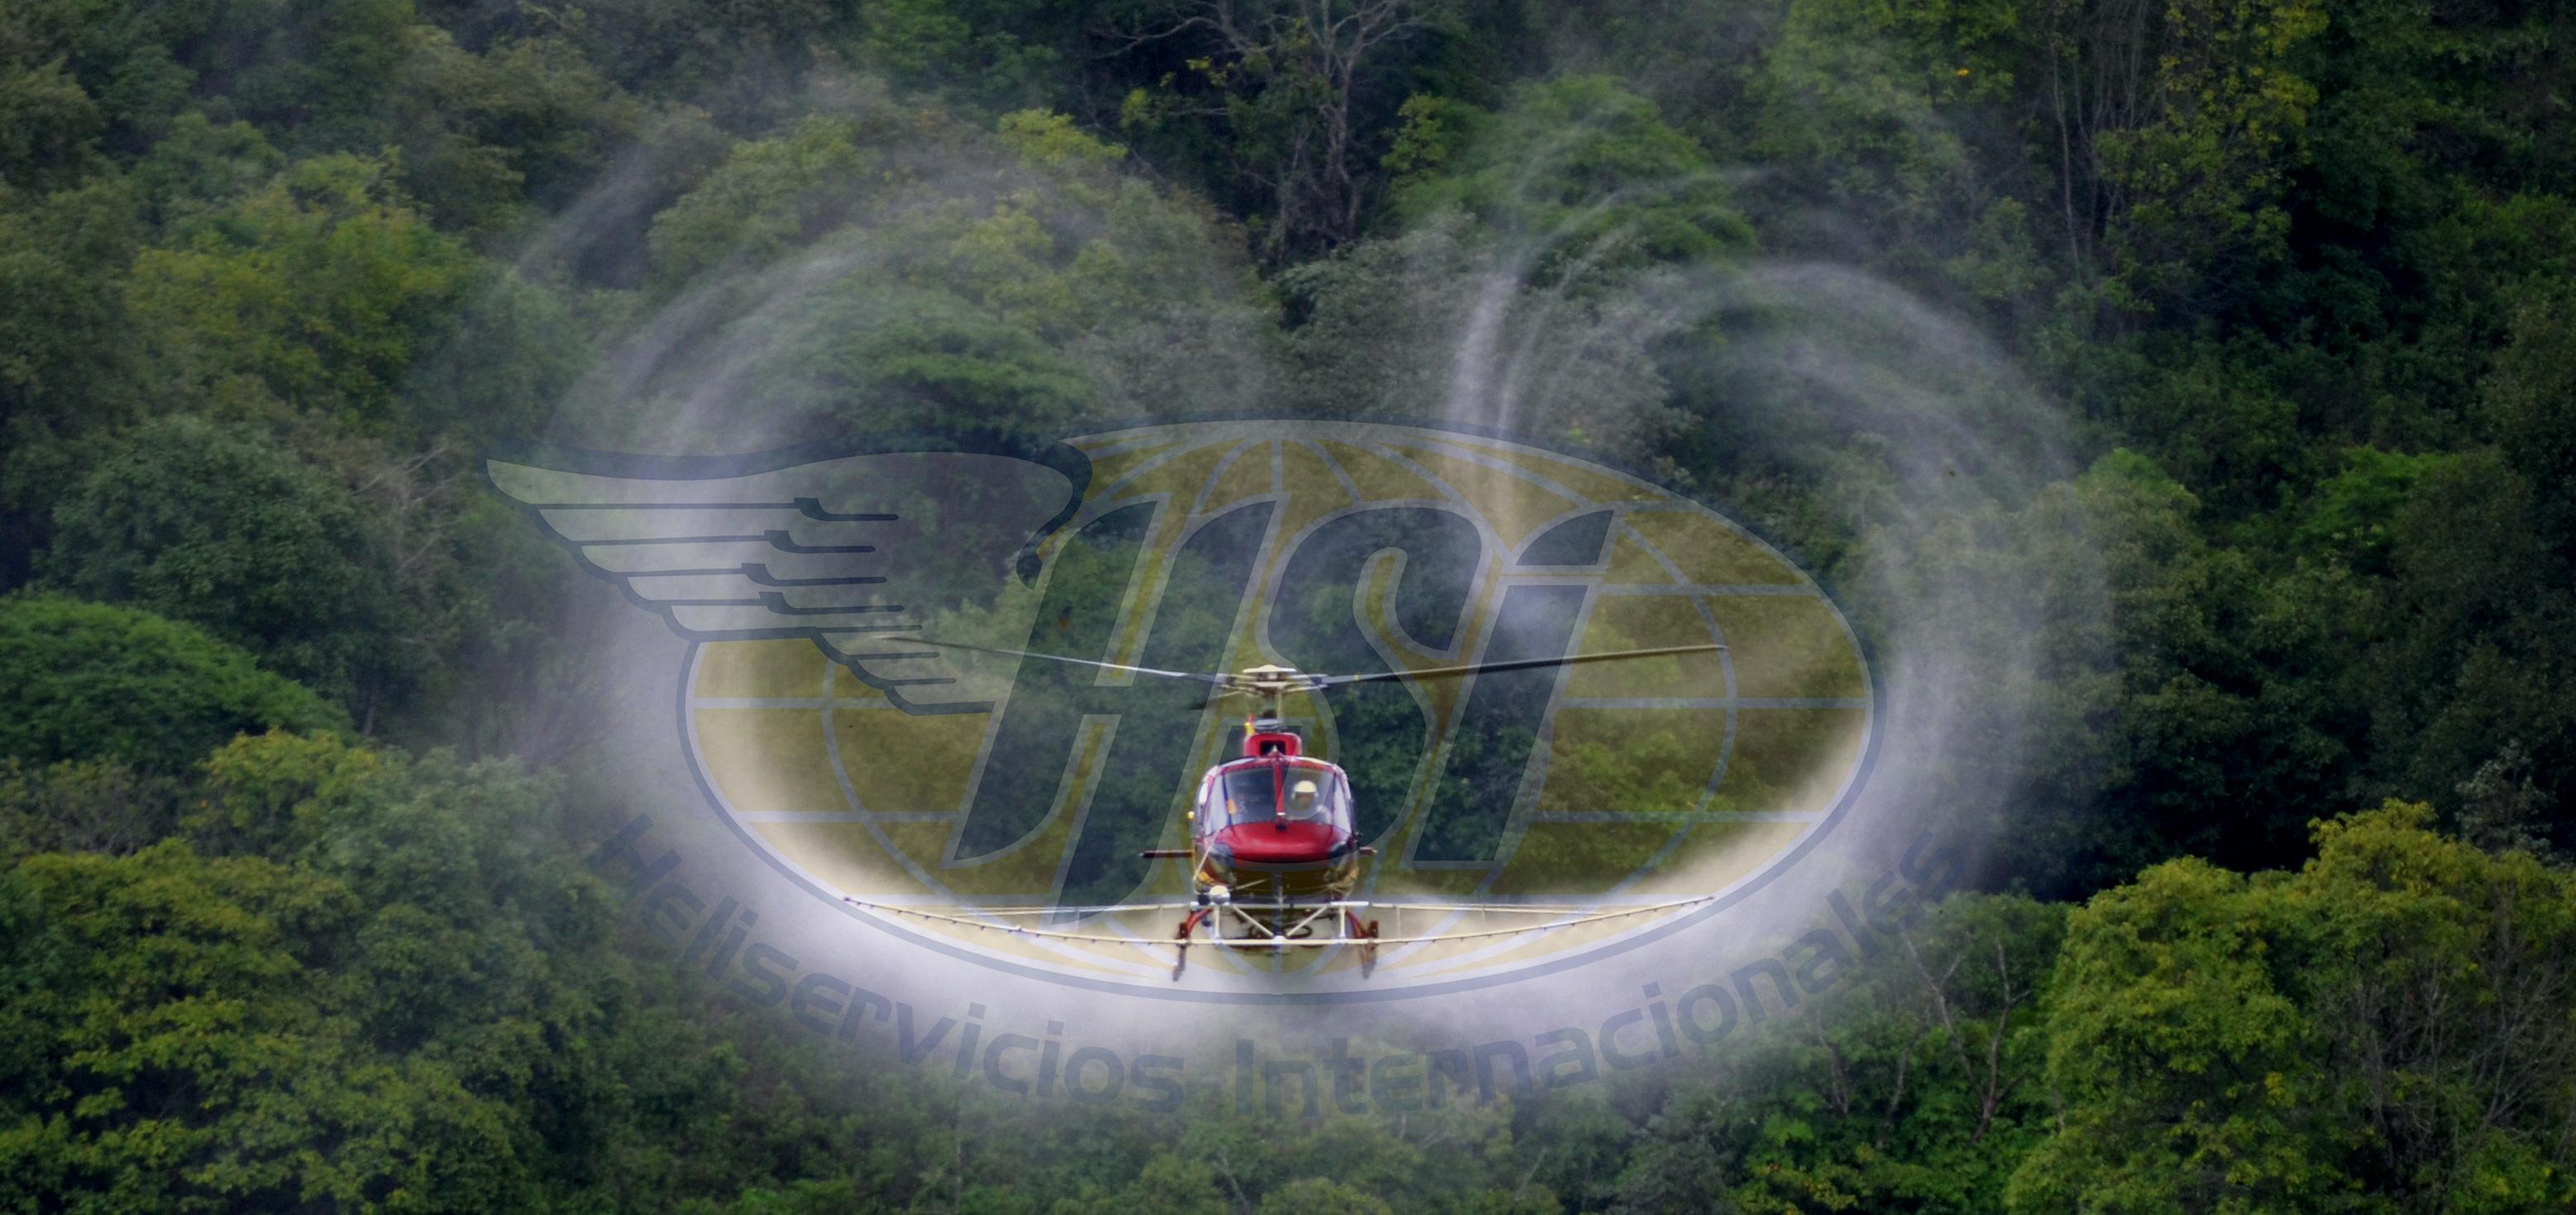 fumigacion-con-helicoptero